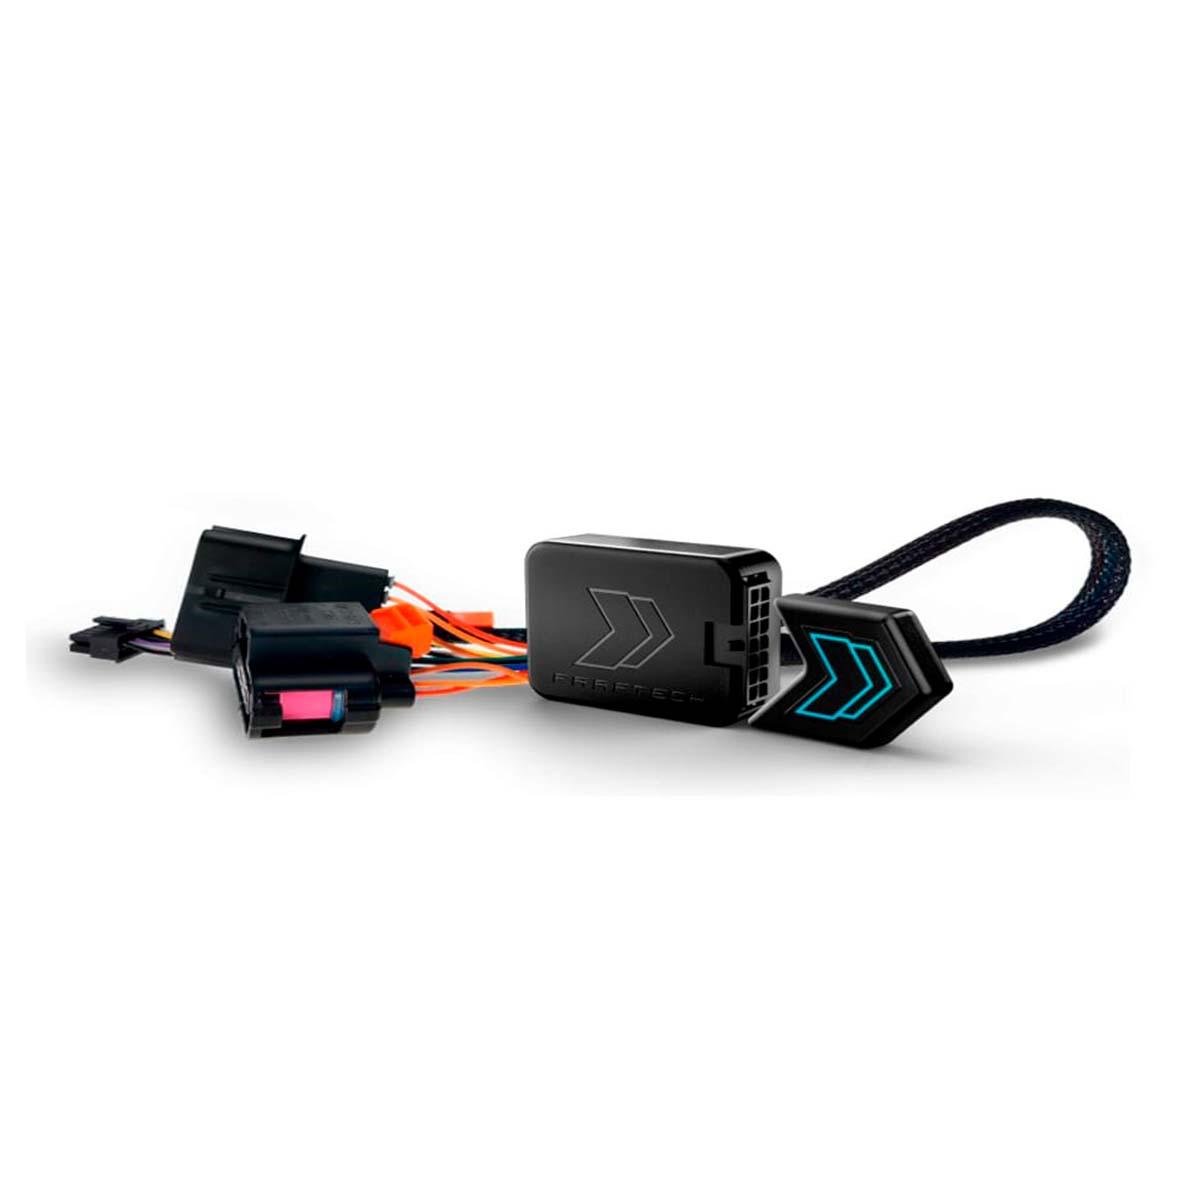 Shift Power Camaro 2005 a 2015 Chip Acelerador Plug Play Bluetooth Faaftech FT-SP32+